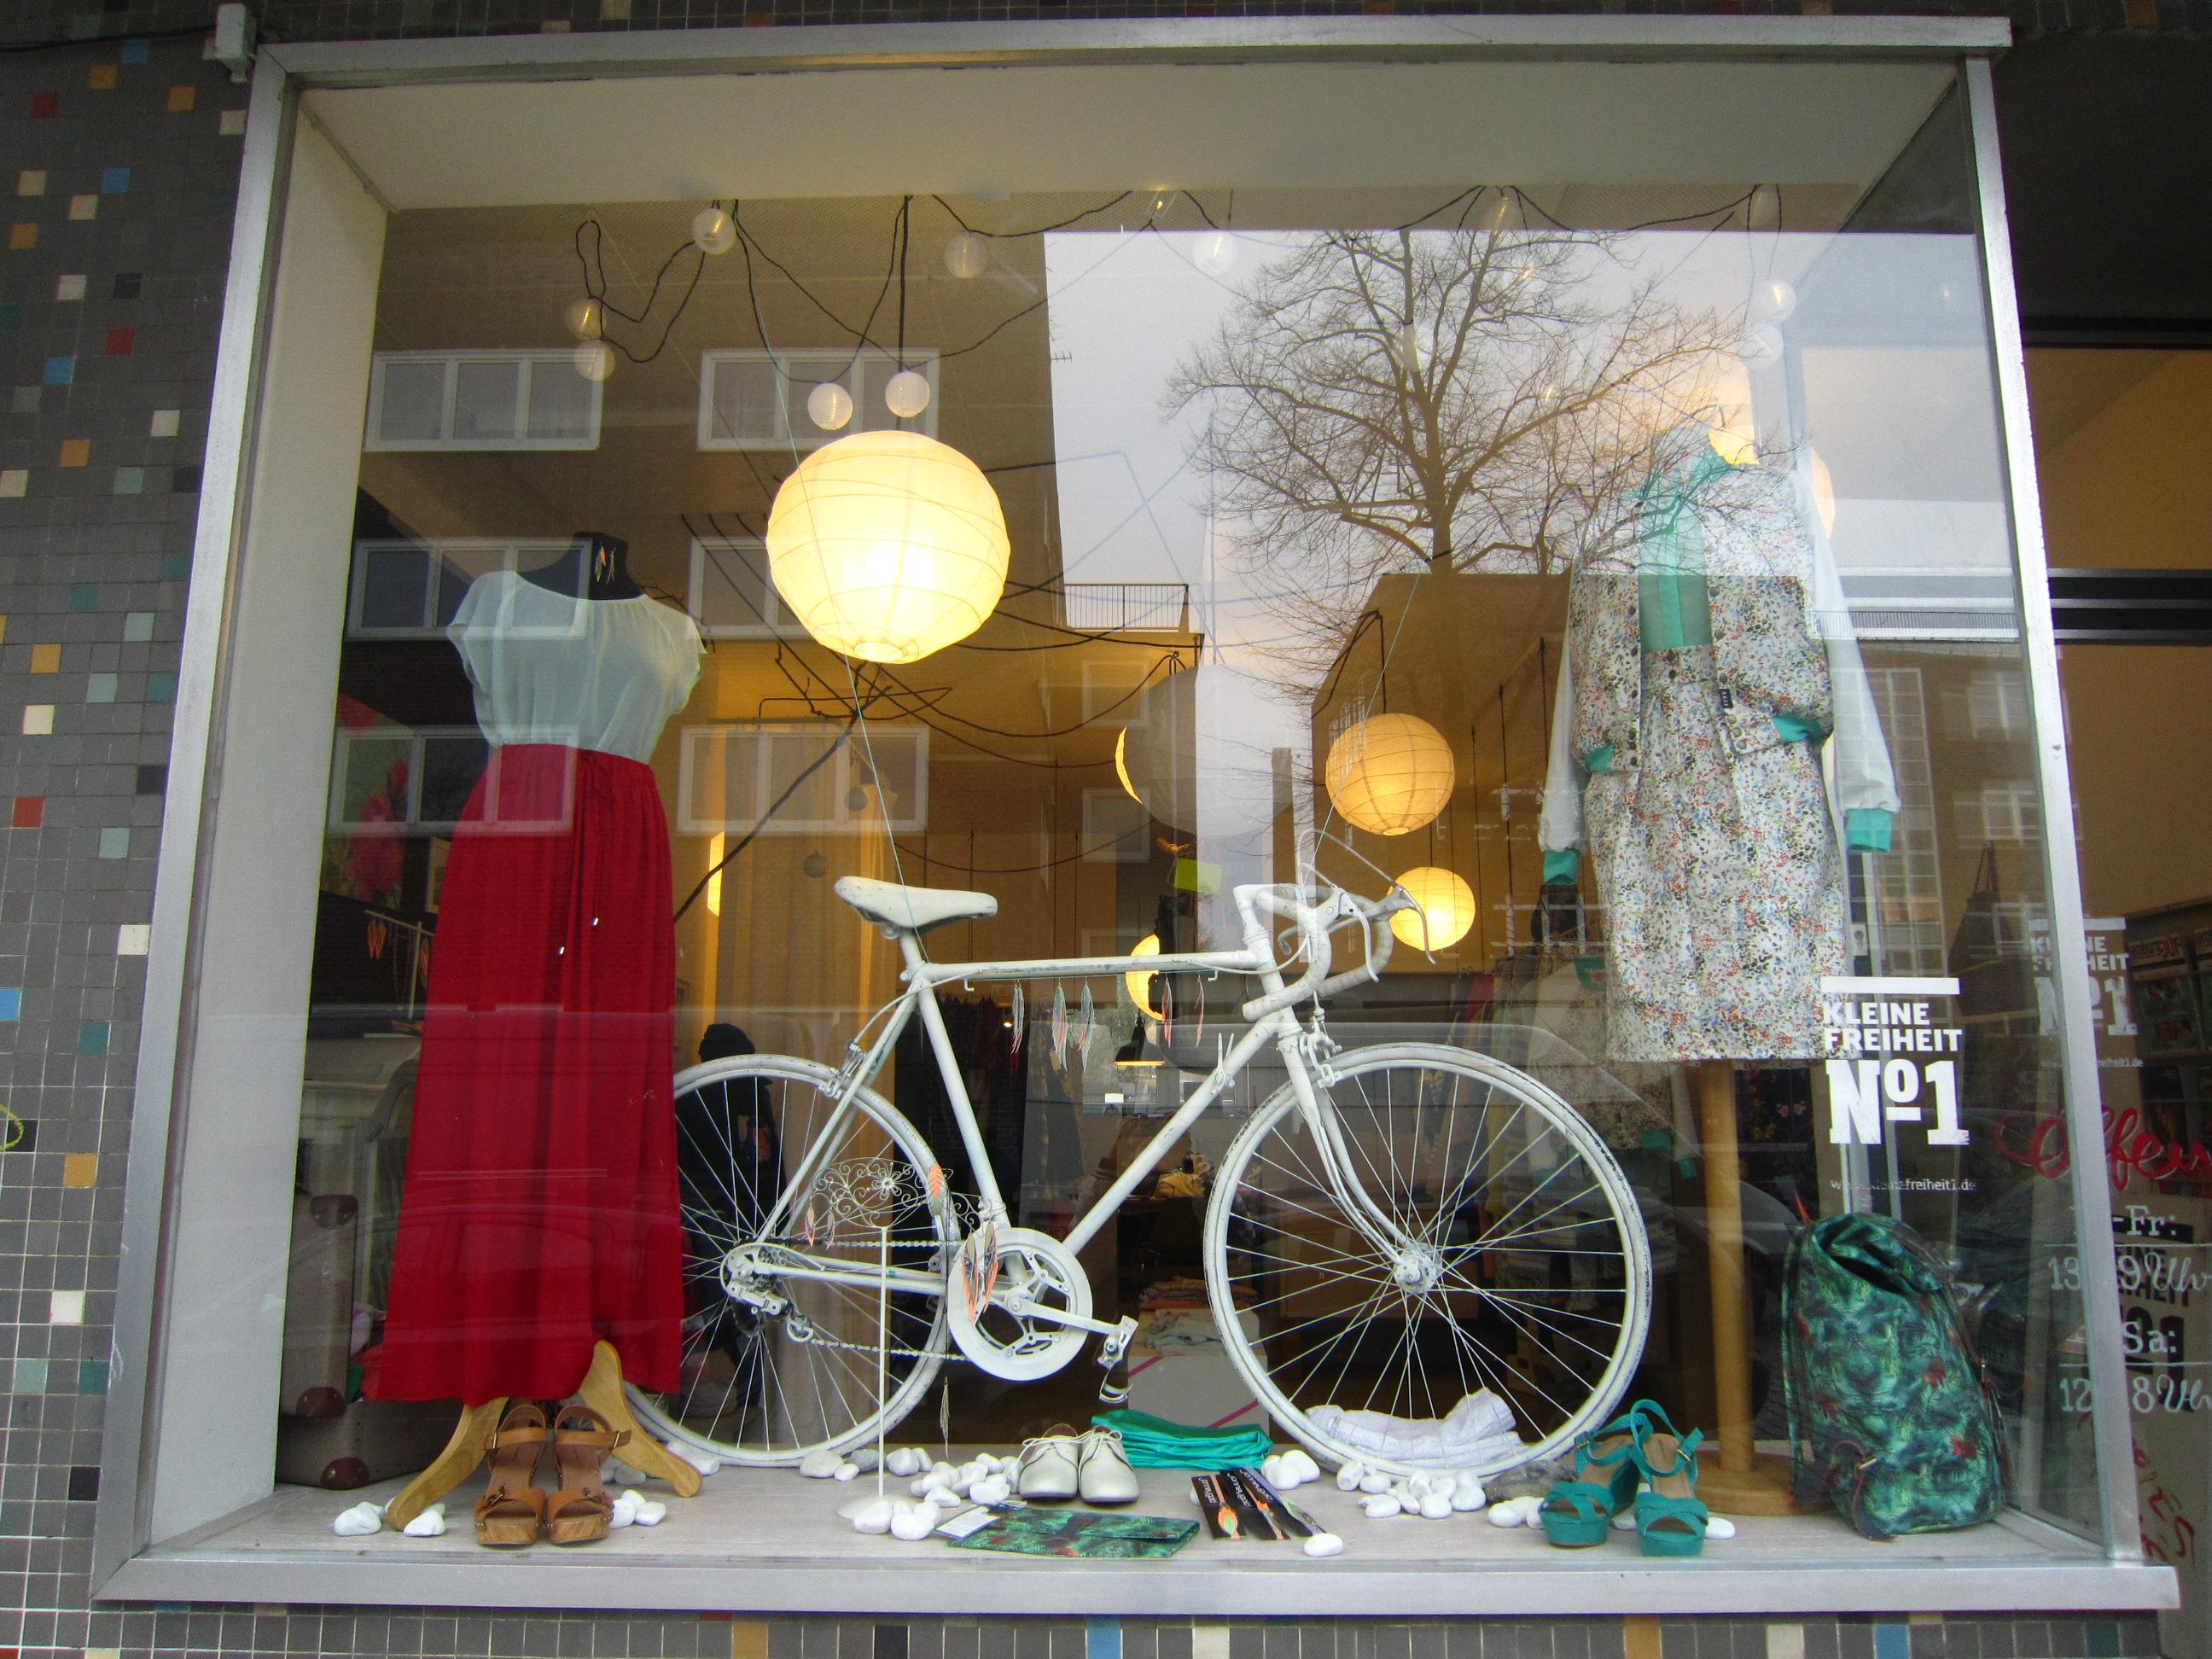 Kleine Freiheit Nummer 1 –  Heimat von [iksi] Streetwear, Jonneygold und Golden Age